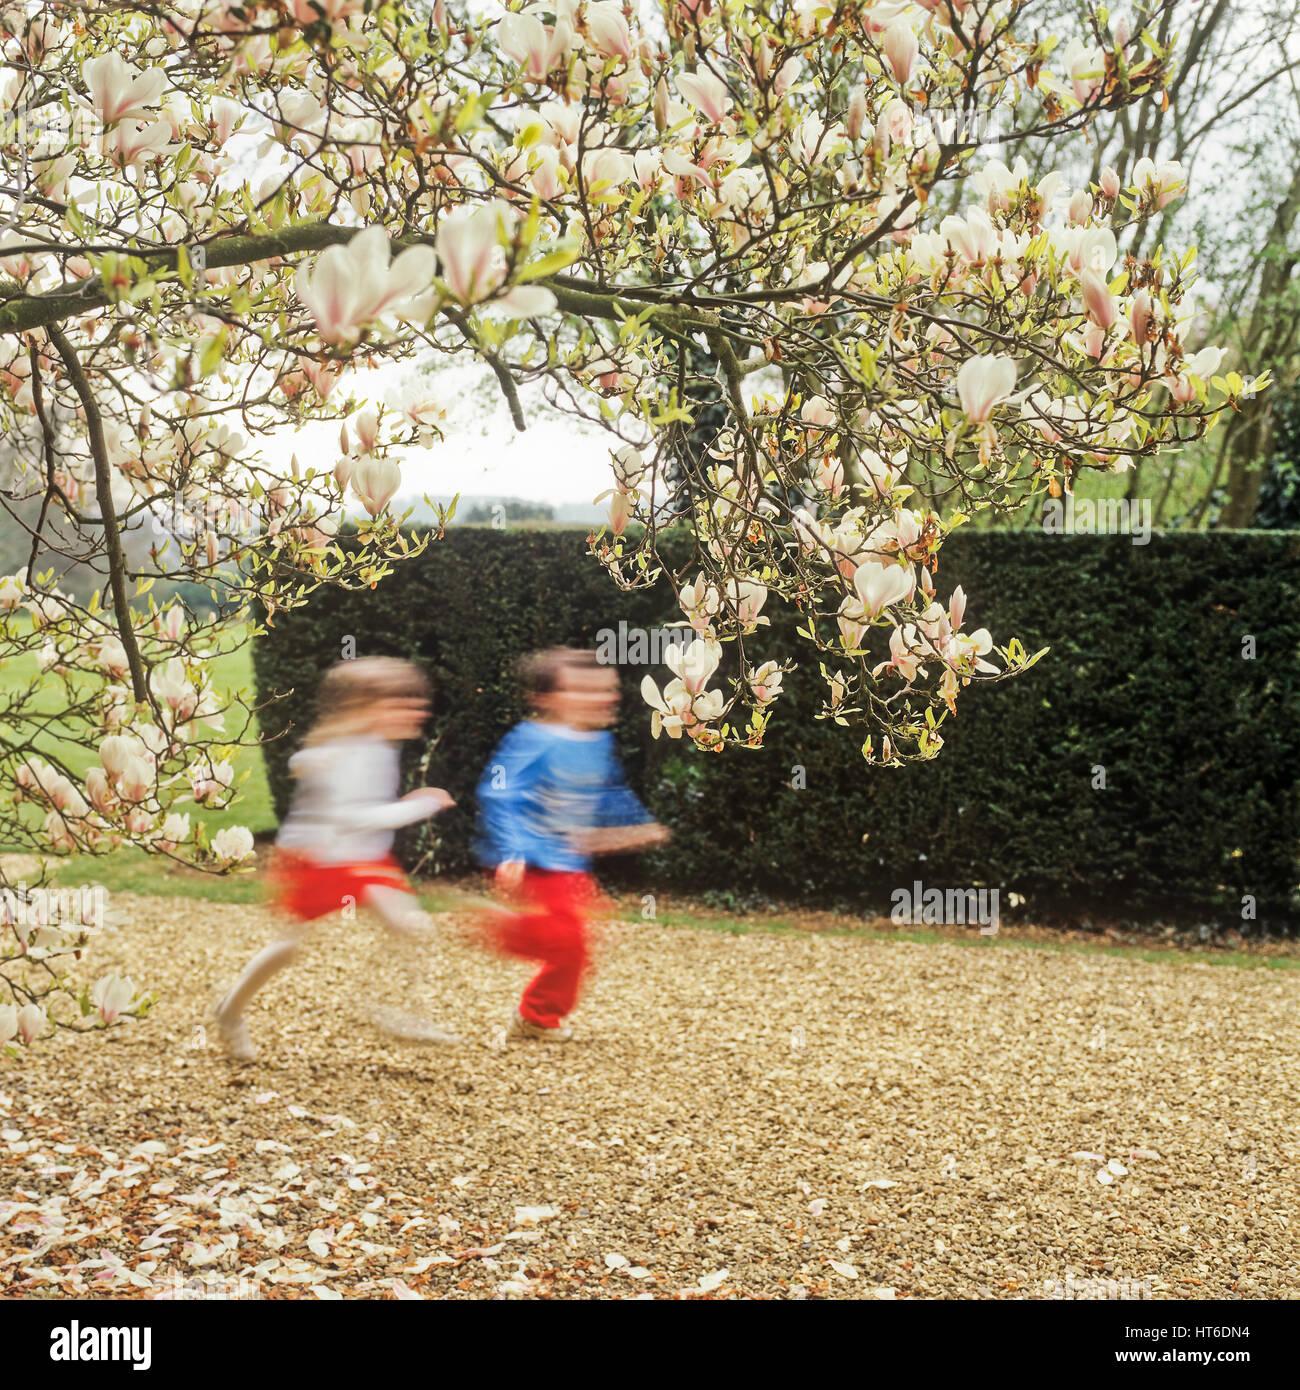 Kinder laufen in einem Garten. Stockbild